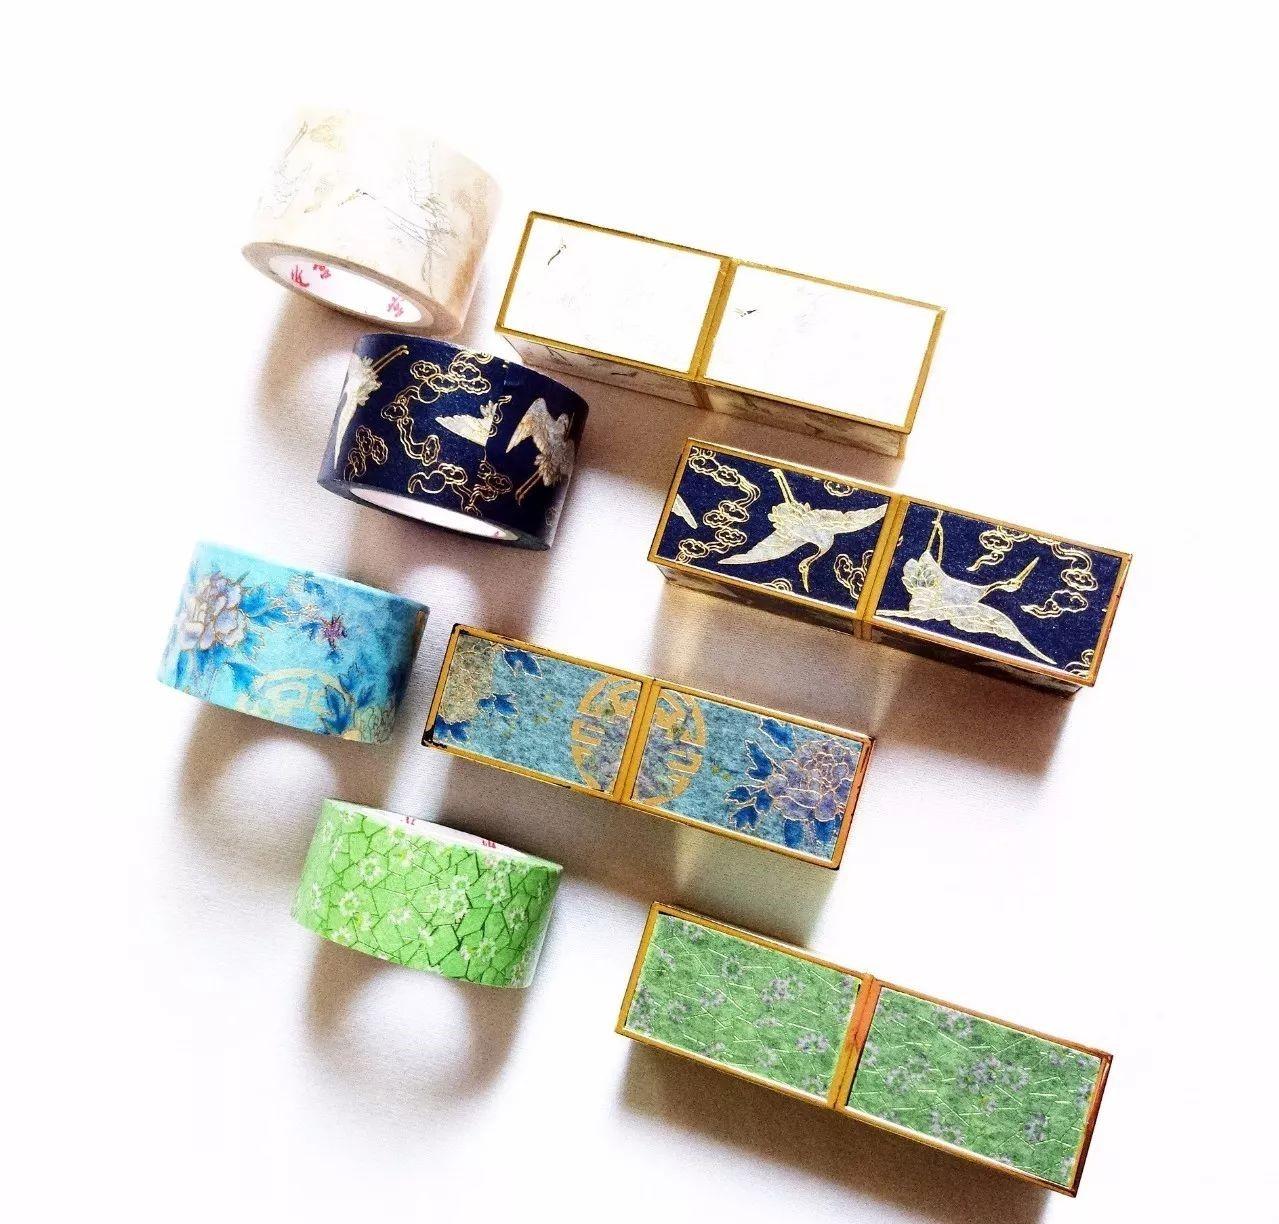 故宫产品设计,中国风原创文化产品